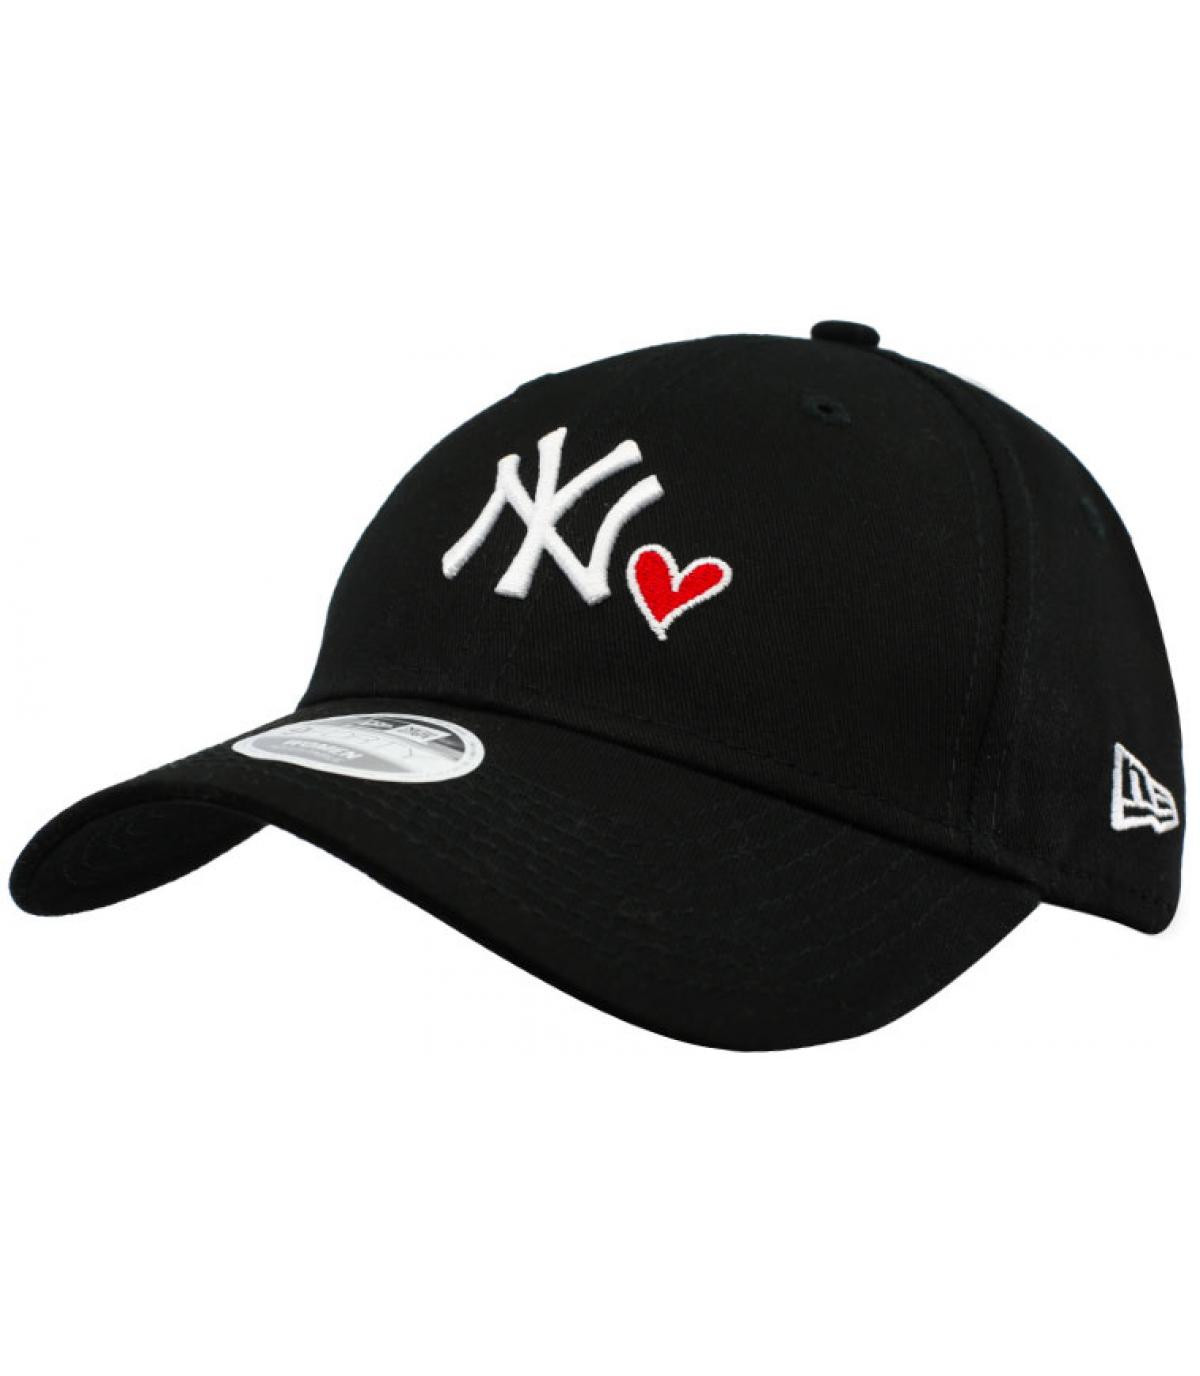 women black NY heart cap - Wmns Heart NY 940 black by New Era. Headict a55f20d725a